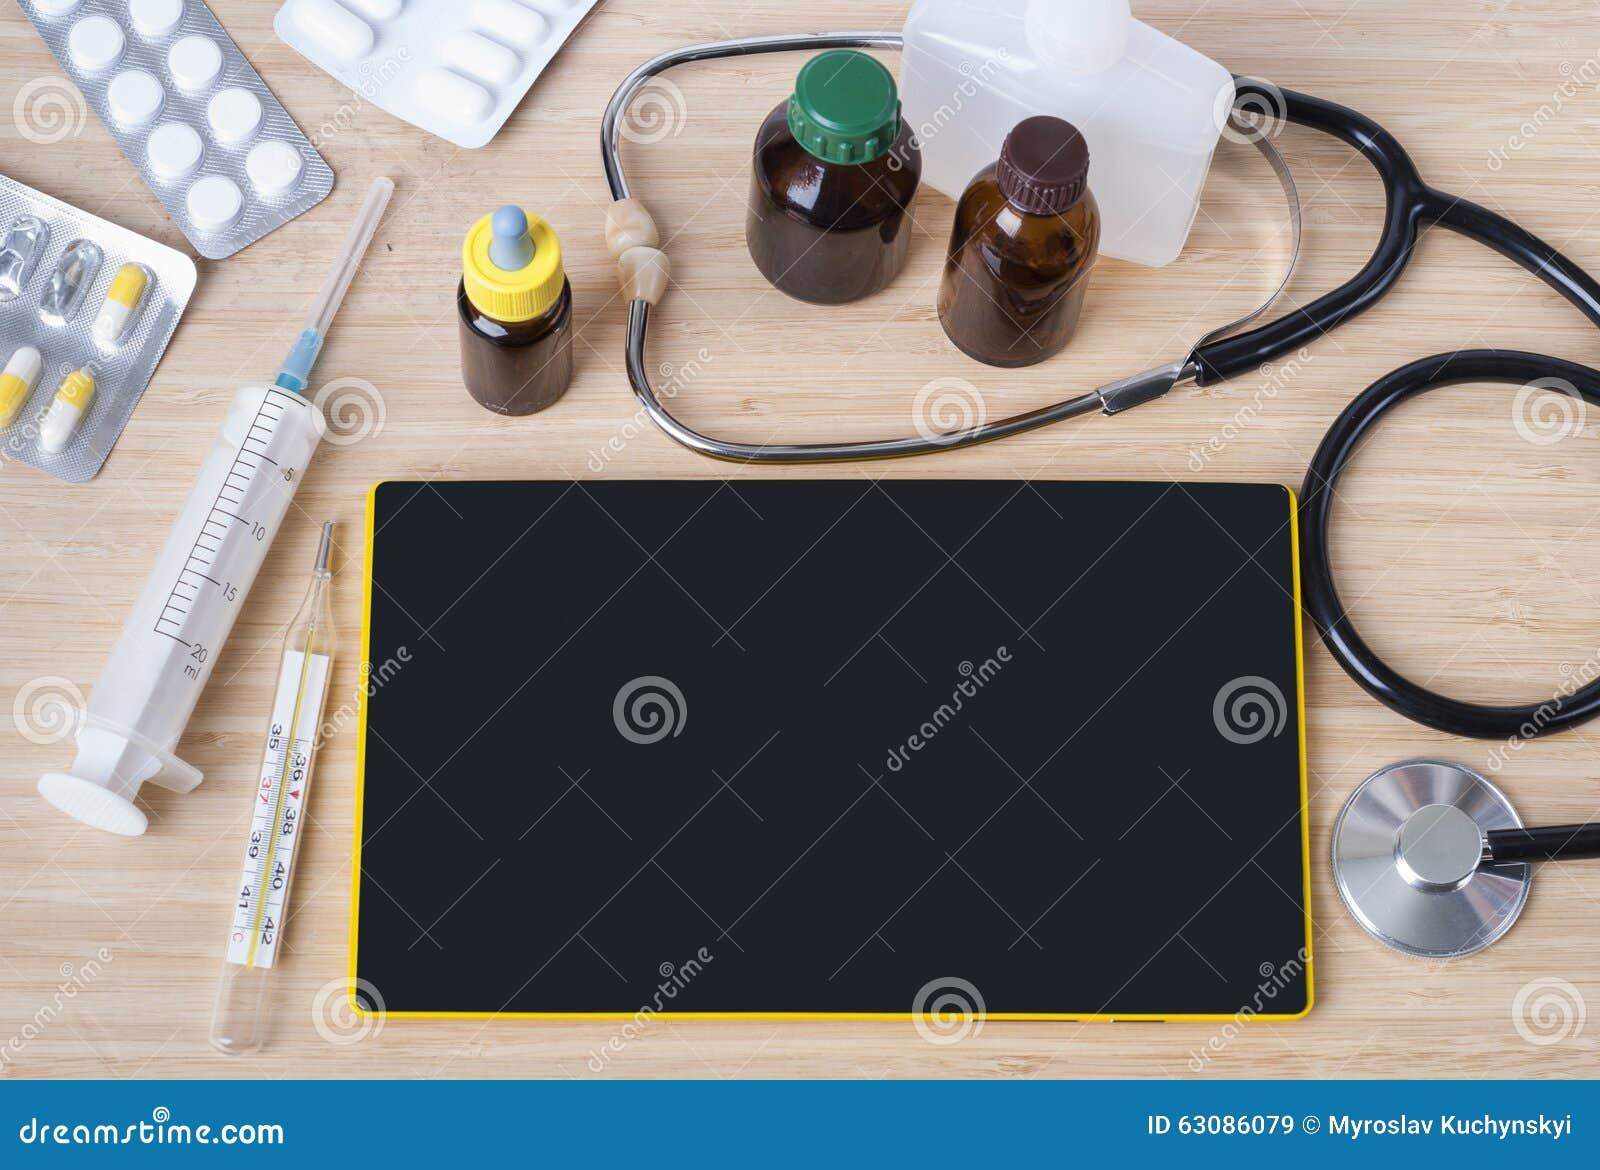 Download Thème médical de fond image stock. Image du planchette - 63086079